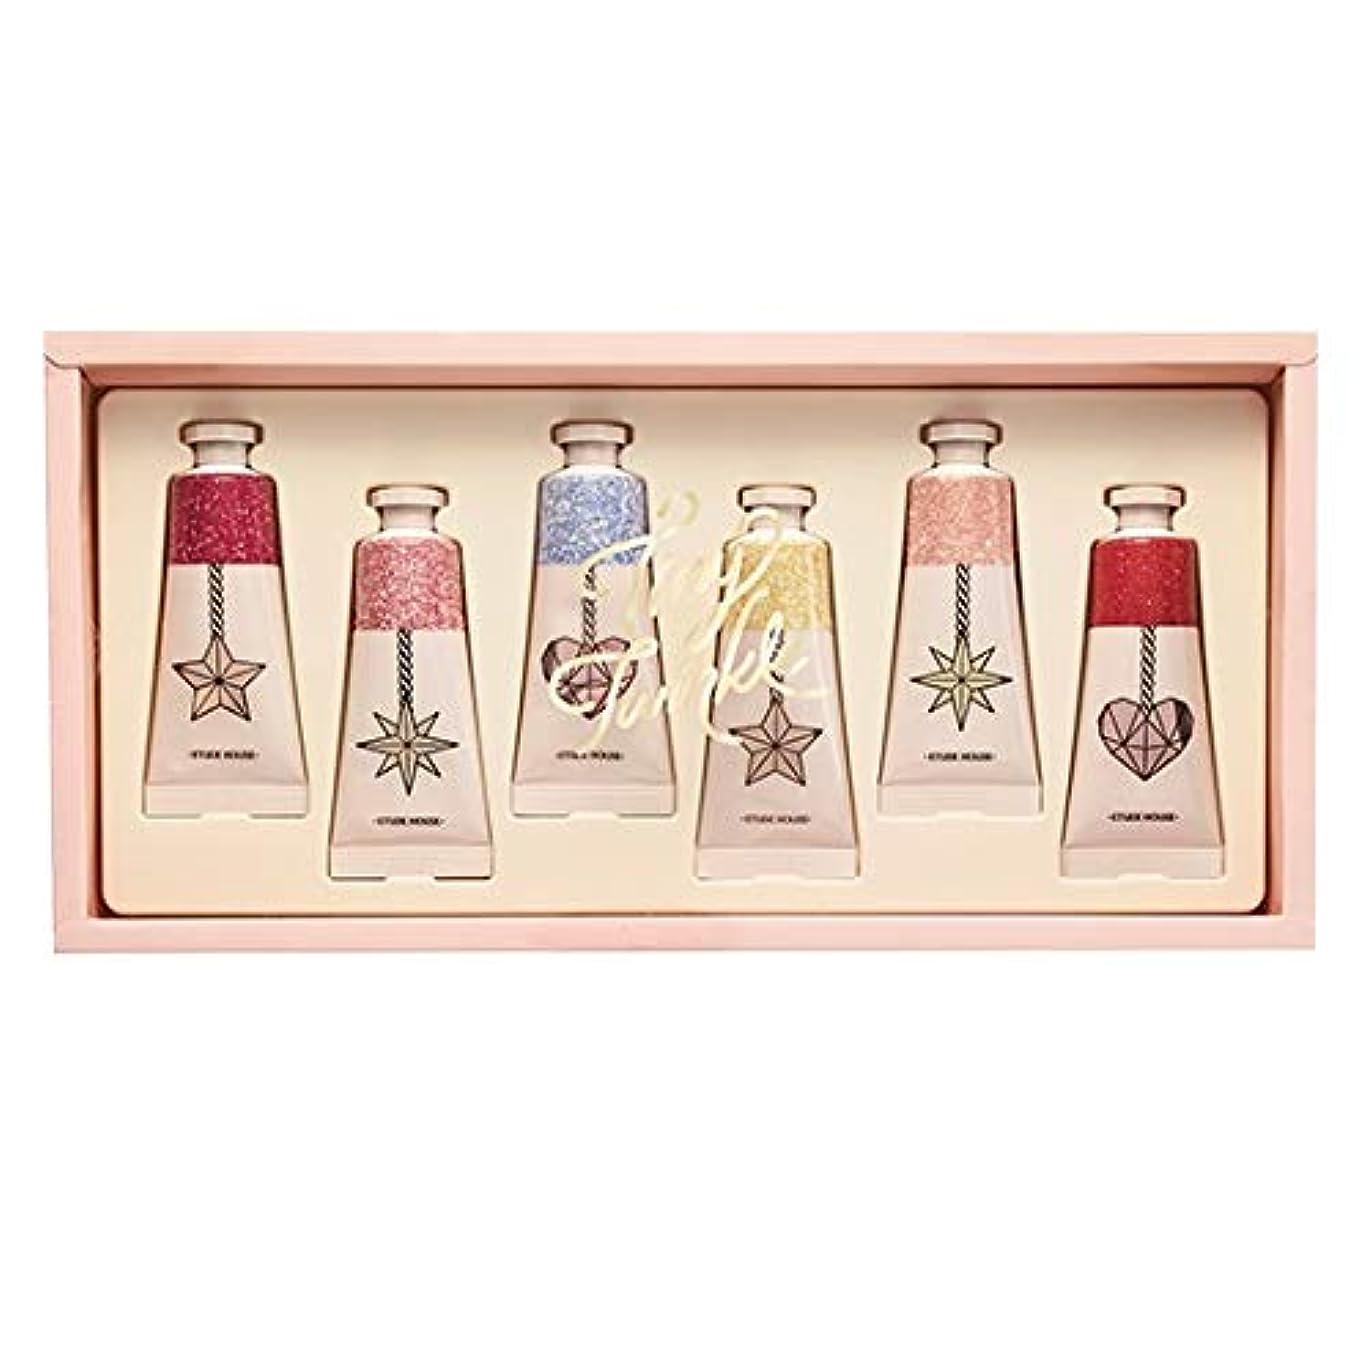 玉欠陥収容するエチュードハウス タイニー トゥインクル カラーフル セント パフュームド ハンドクリーム/ETUDE HOUSE Tiny Twinkle Colorful Scent Perfumed Handcream 6PCS...